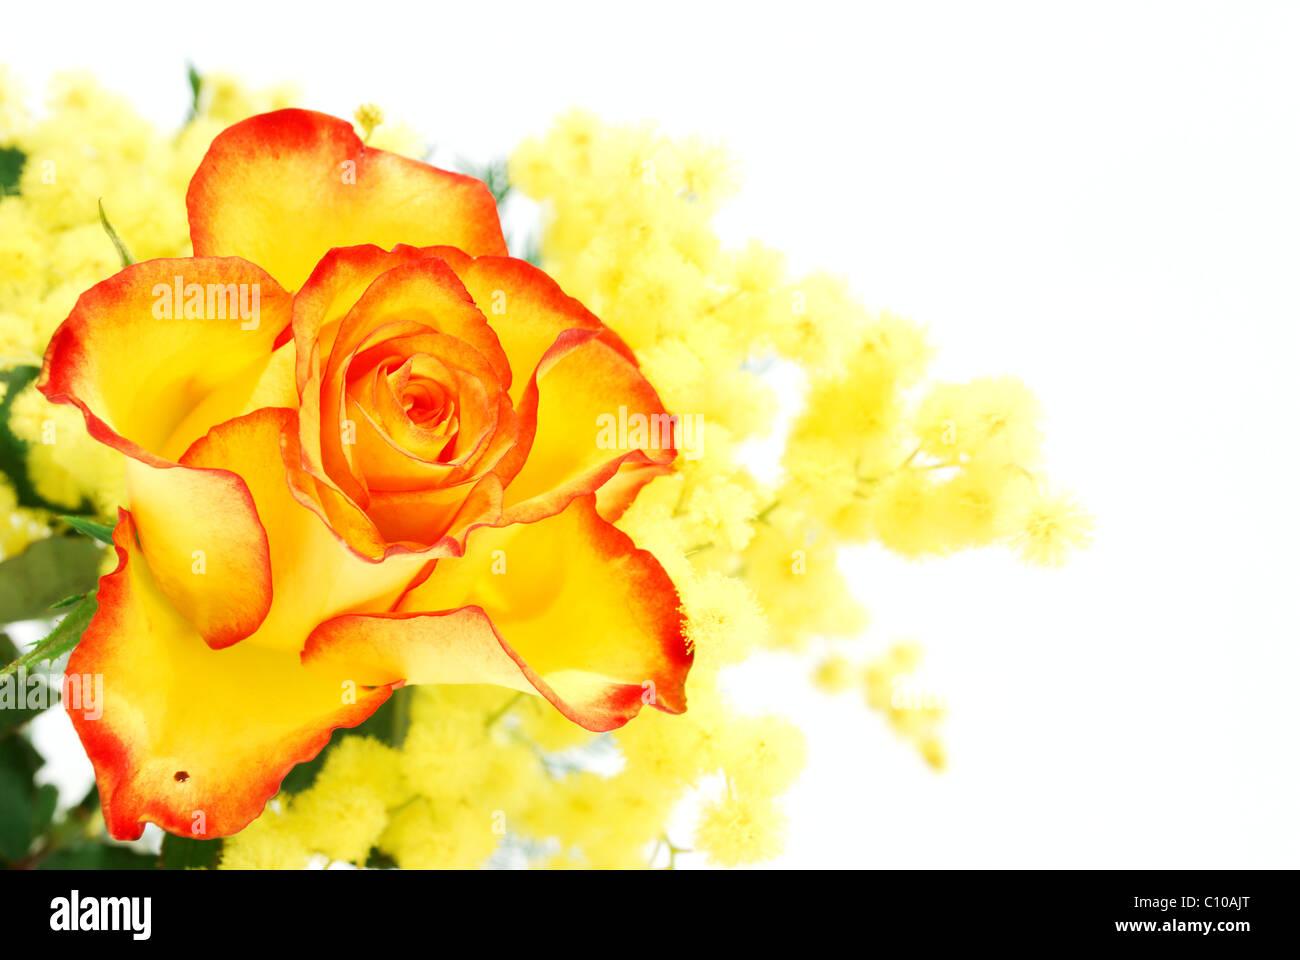 Mimosa giallo e rosso-rosa gialla fotografato su sfondo bianco Immagini  Stock fcab1fea5f8a